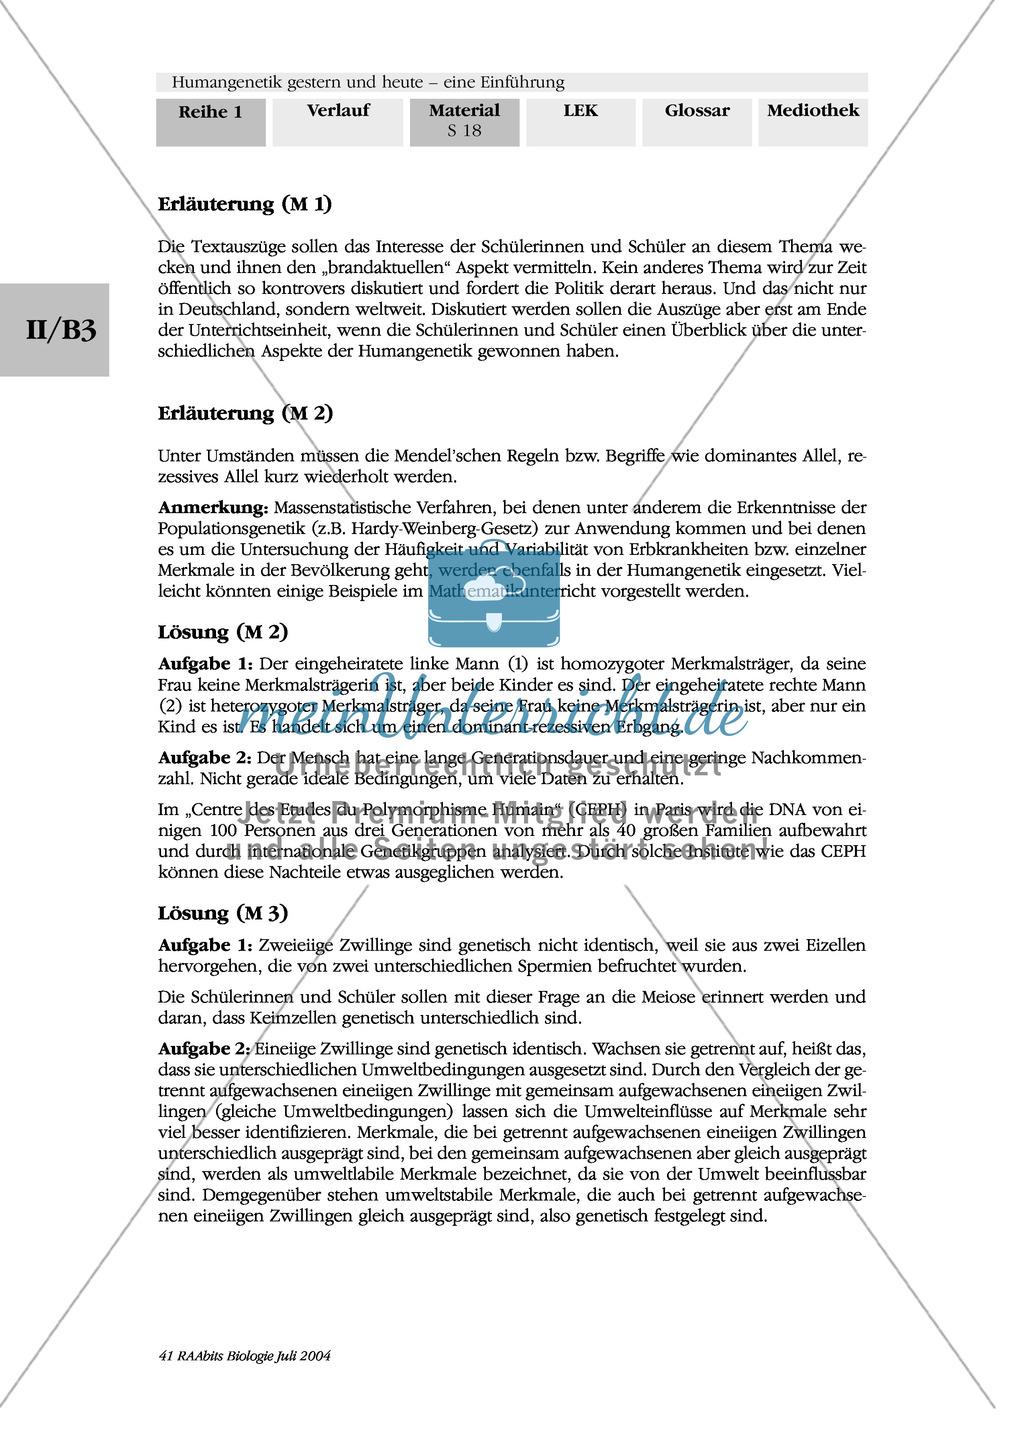 Einführung in die klassischen Methoden der Humangenetik - mit Aufgaben Preview 3